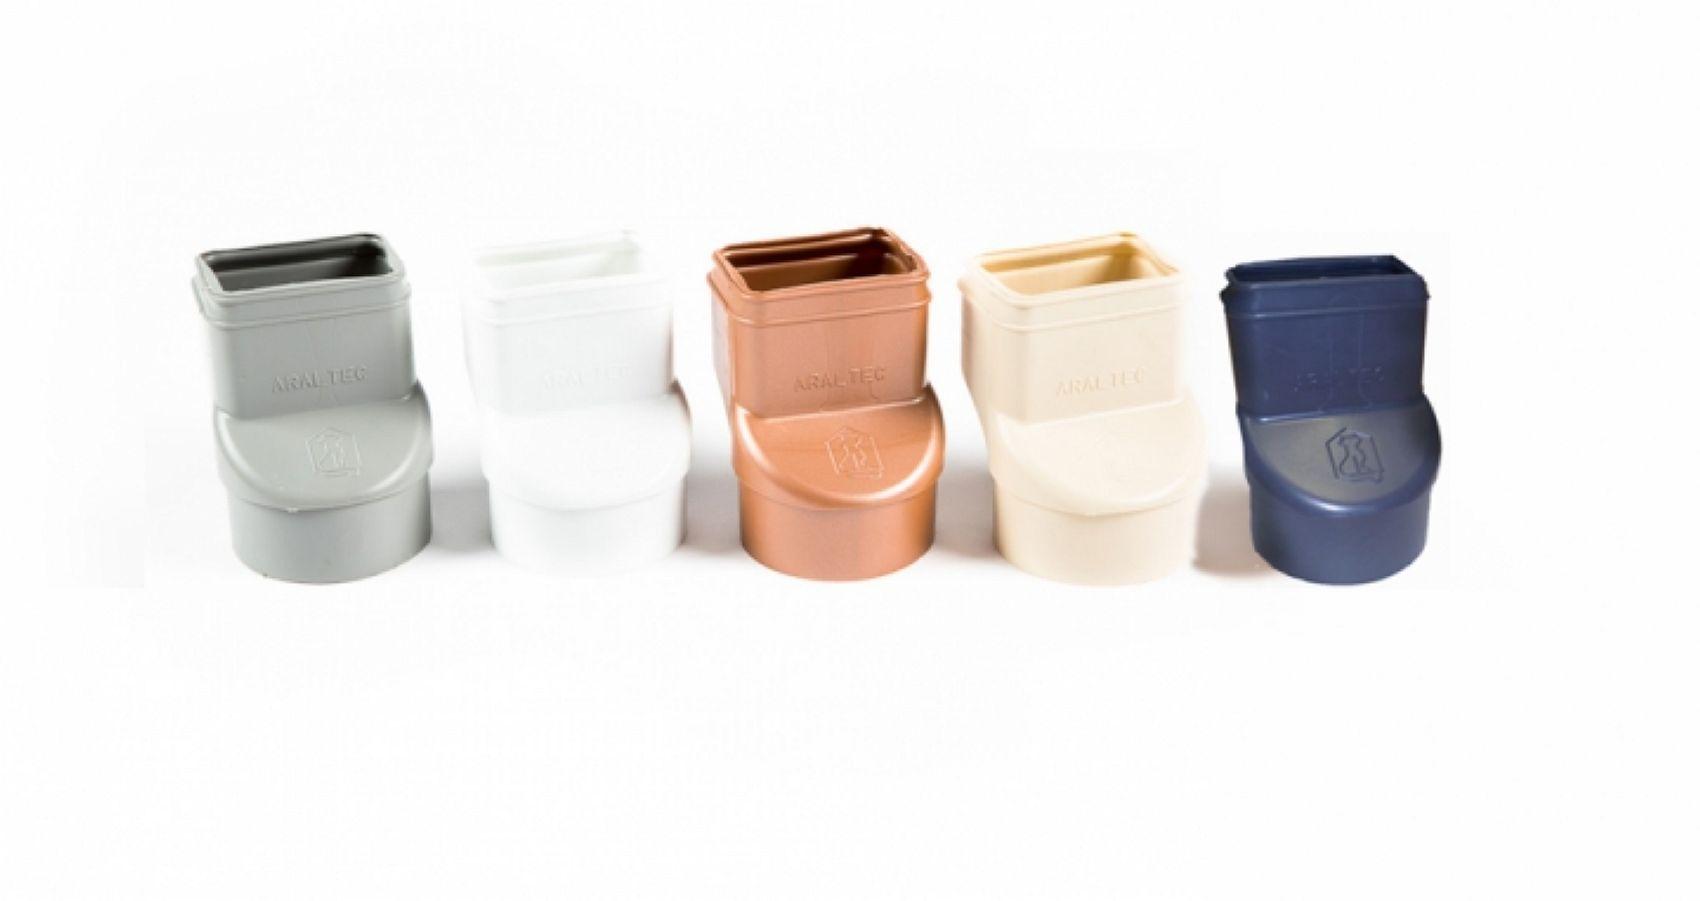 Les accessoires de goutti res alubest for Pose de gouttiere pvc